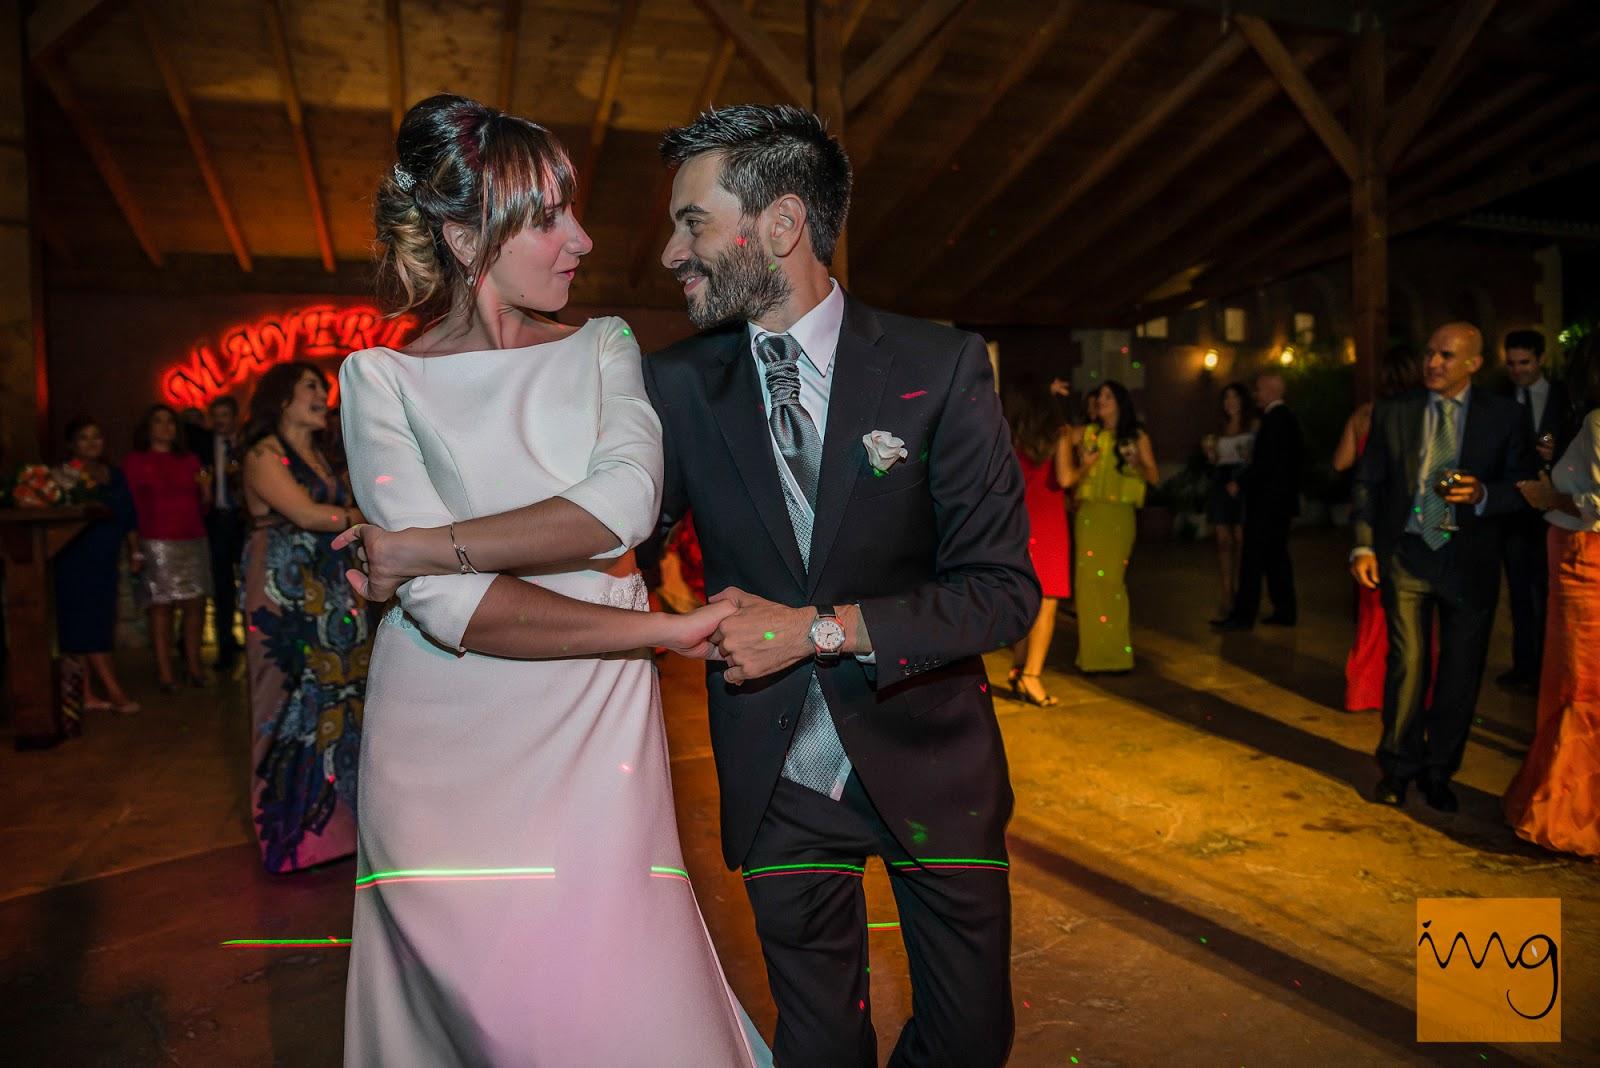 Fotografías de boda durante la fiesta